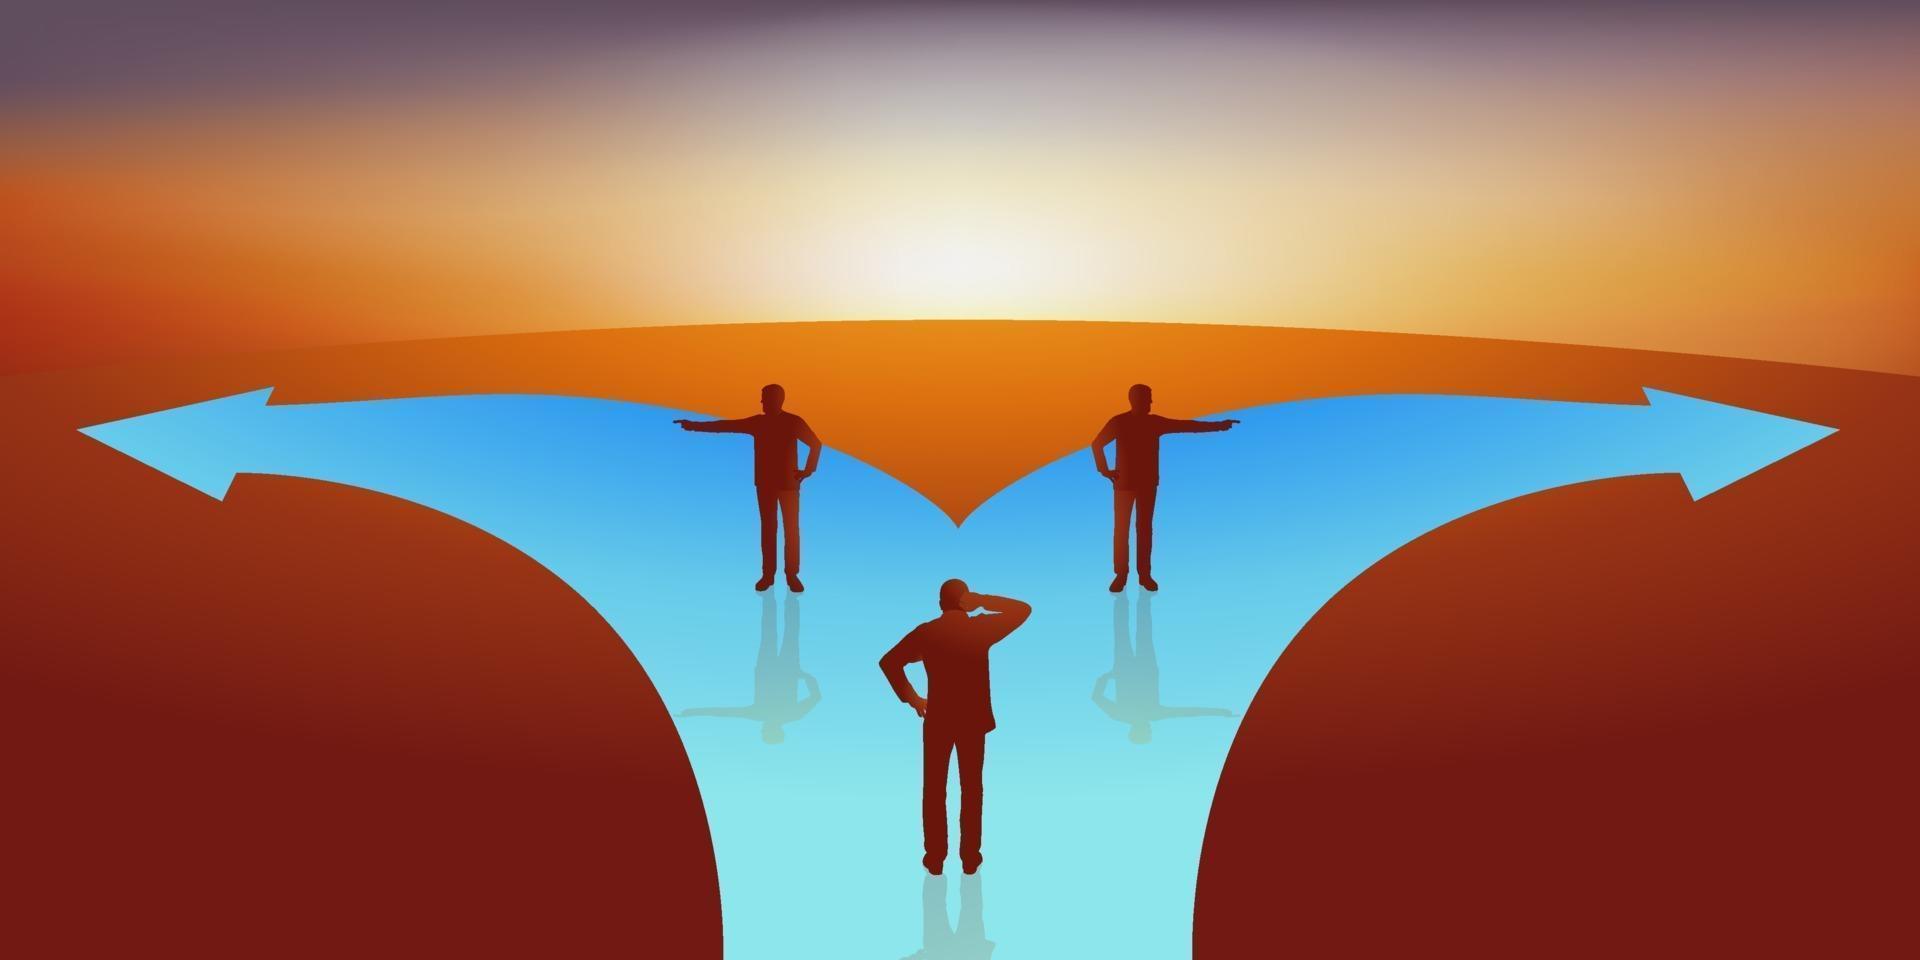 un homme doit choisir entre deux directions vecteur